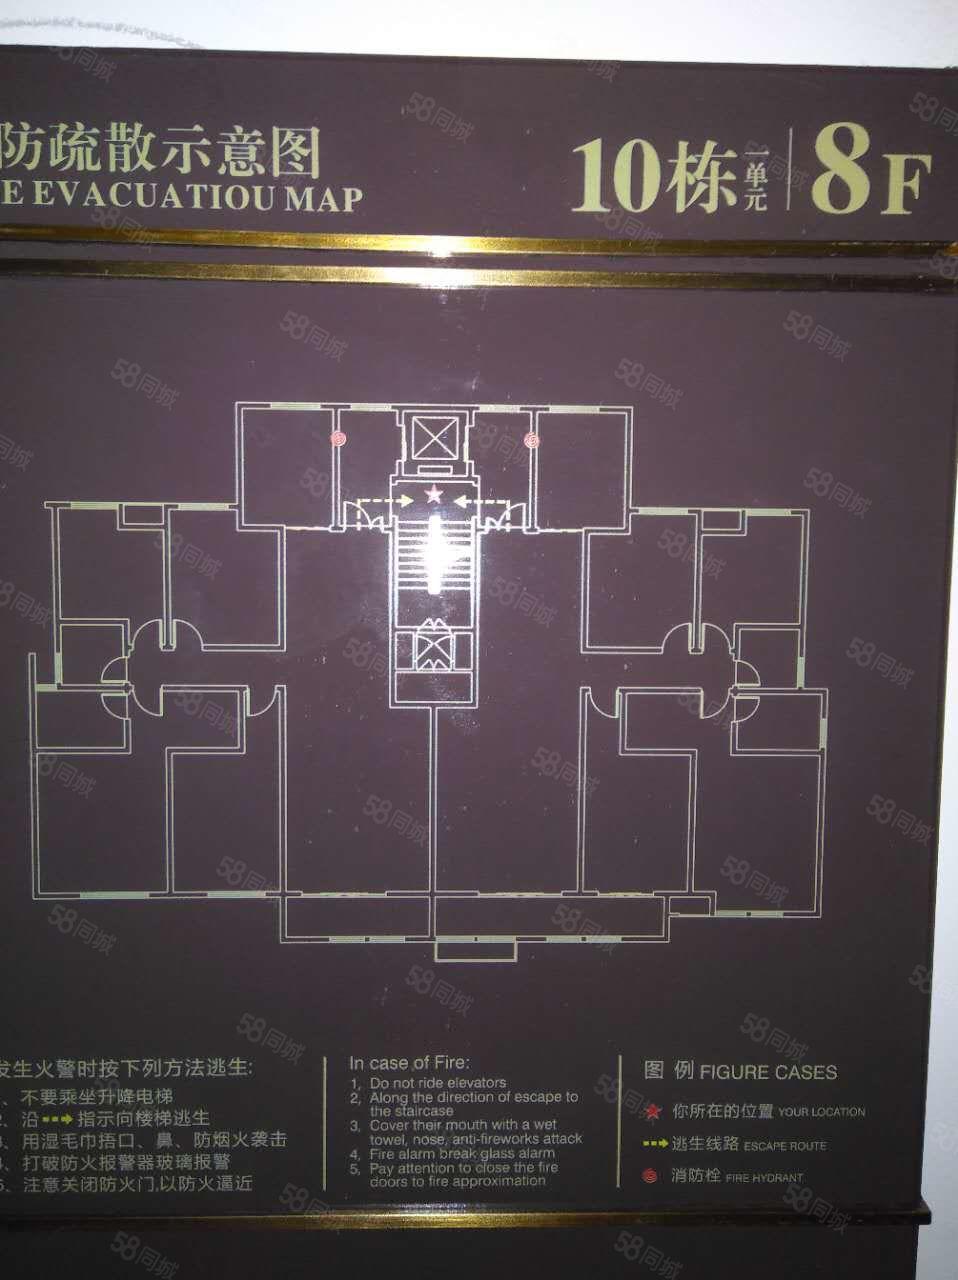 卫生厅单位团购房卫生小区194平方四房160万送车位储藏室